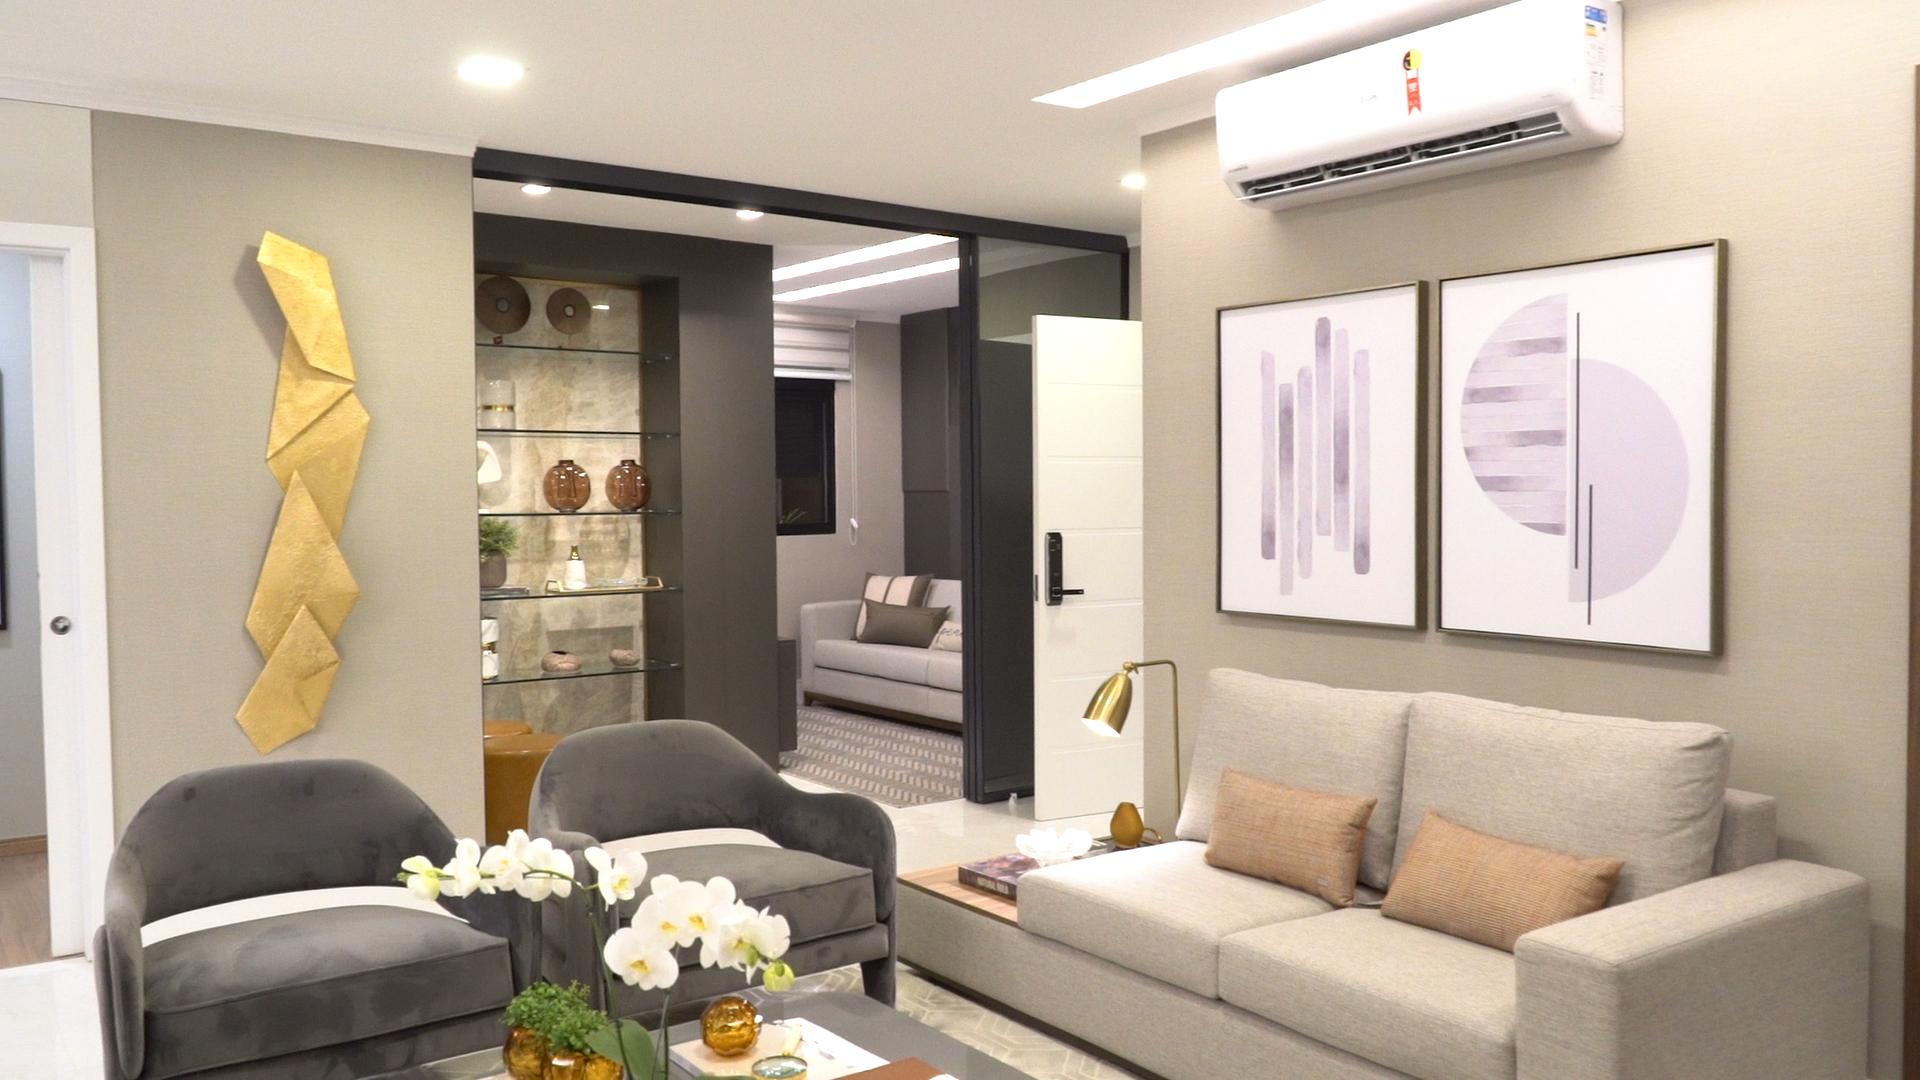 Projetado pelas arquitetas Annelise Giordano e Gelise Almeida, apartamento decorado já está disponível para visitas (Foto: Festas e Eventos TV)